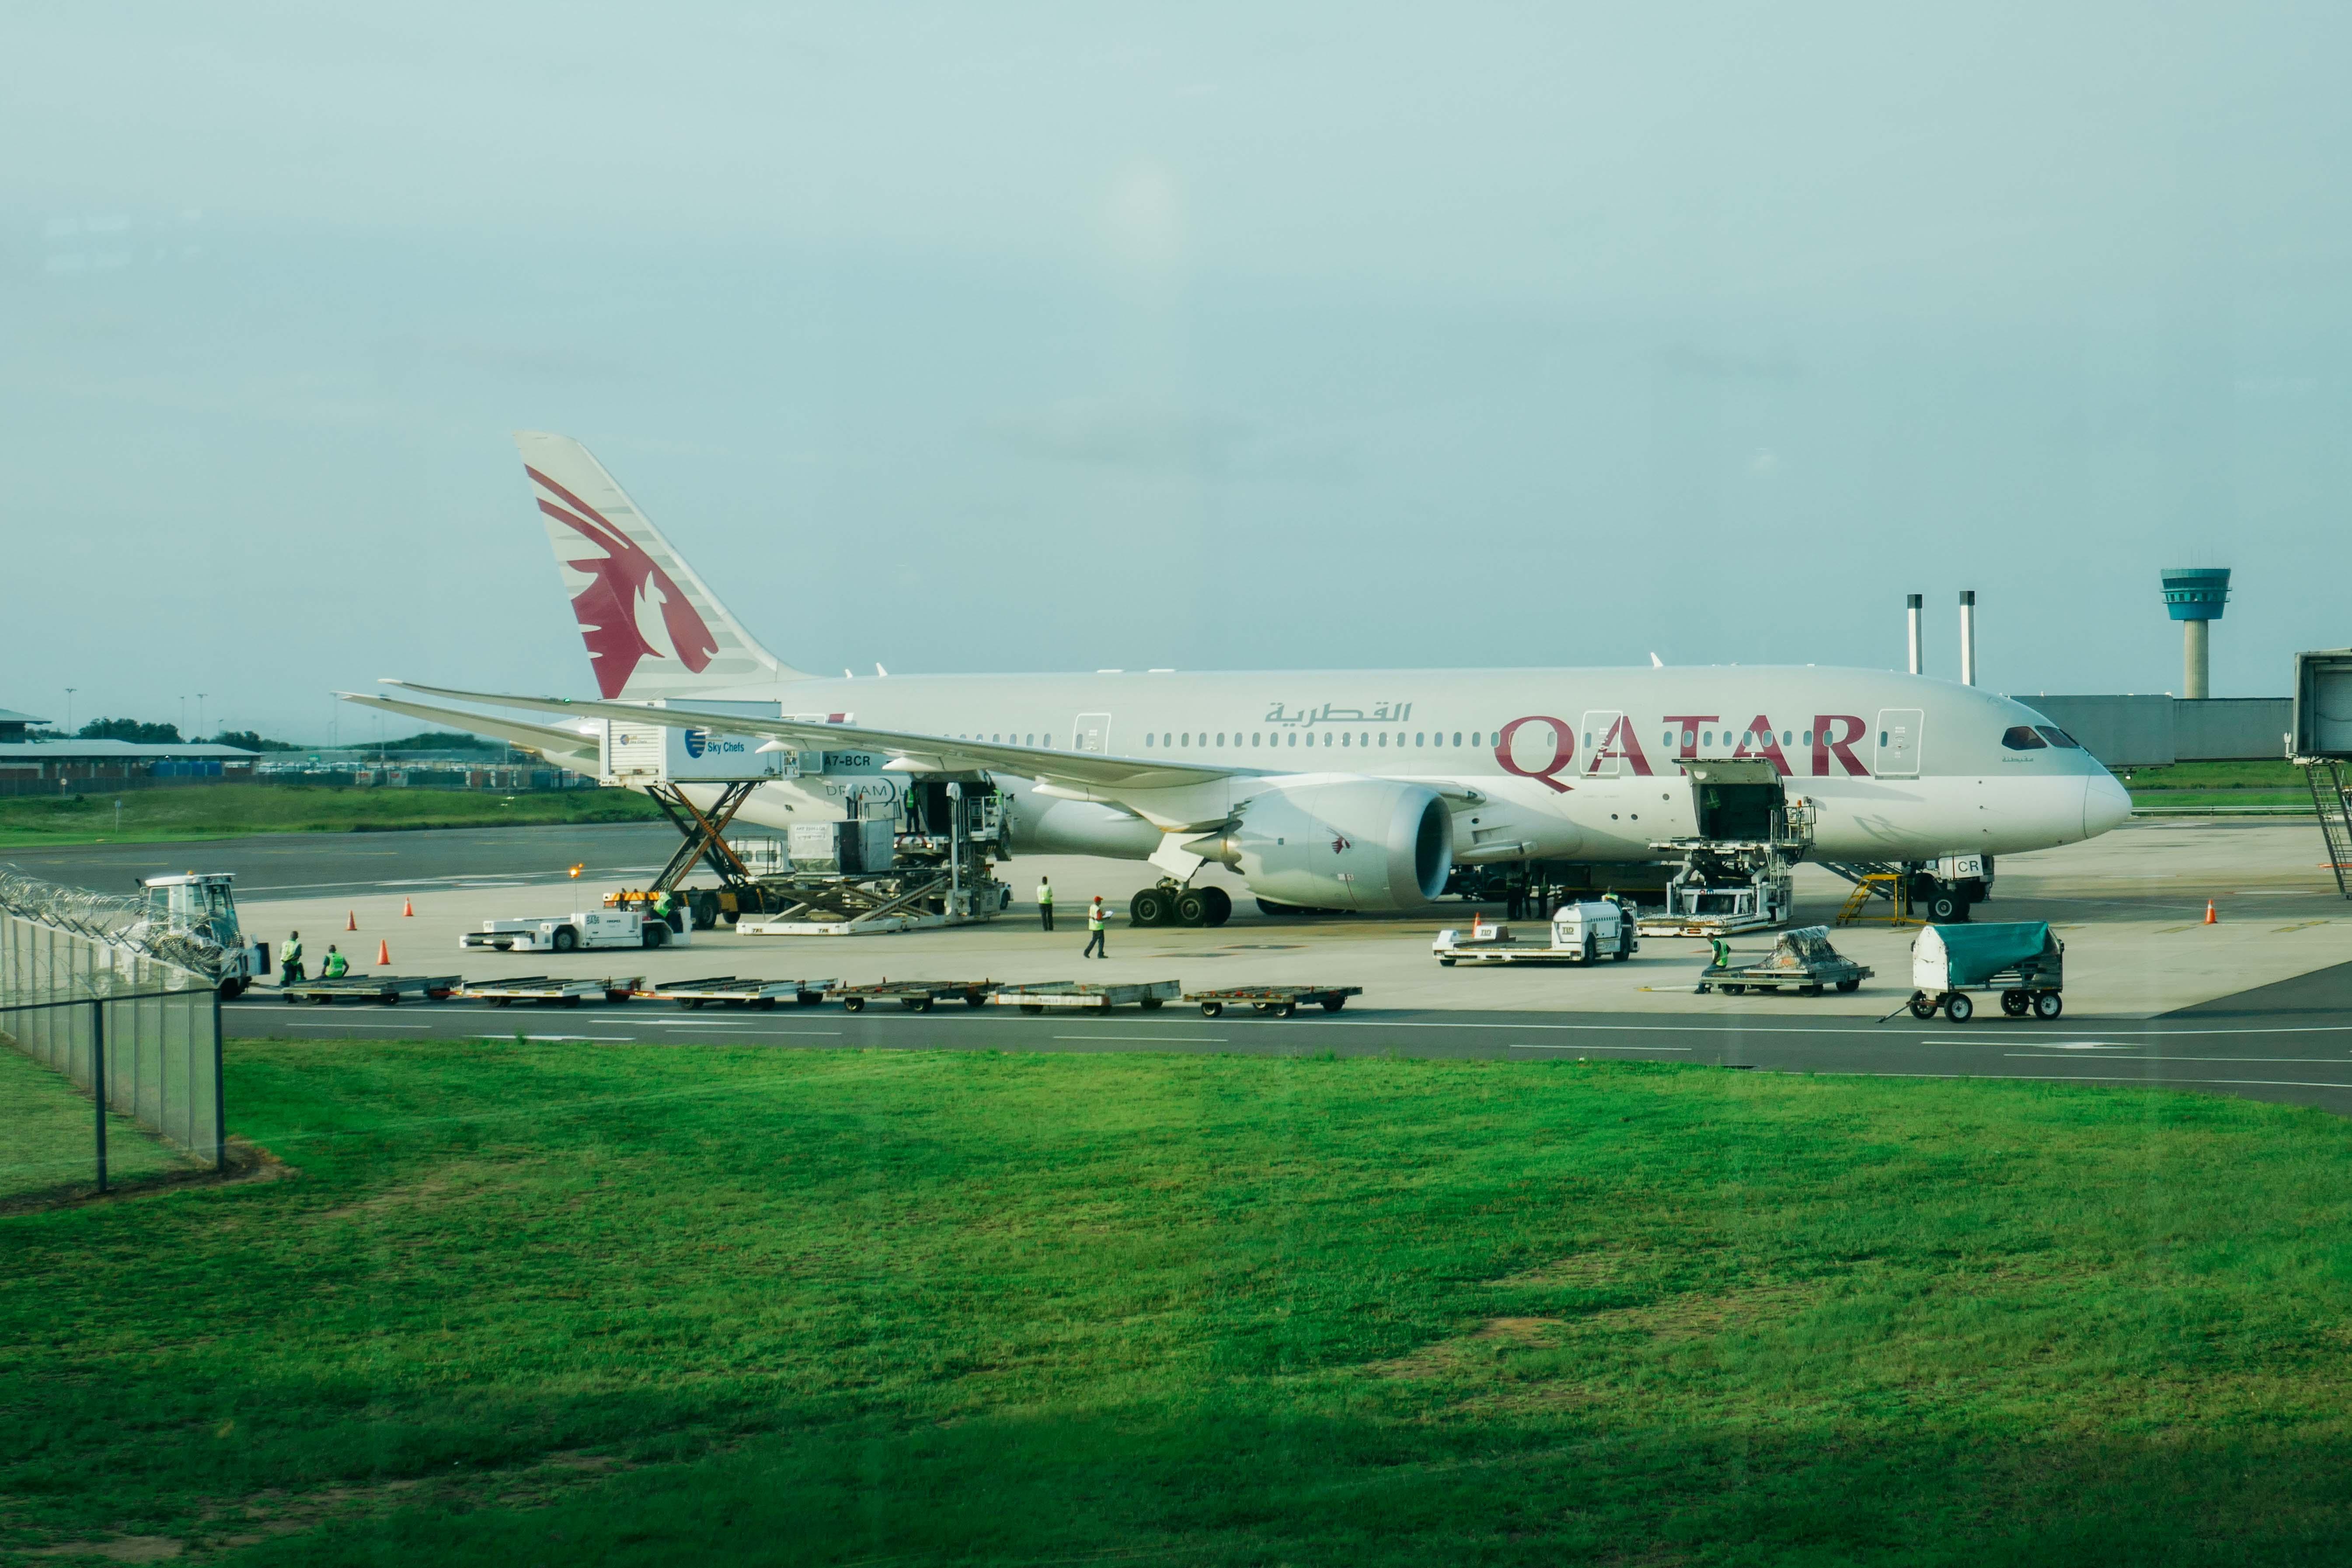 เดินทางกับ Qatar Airways ปลอดภัย อุ่นใจเหมือนเดิม!